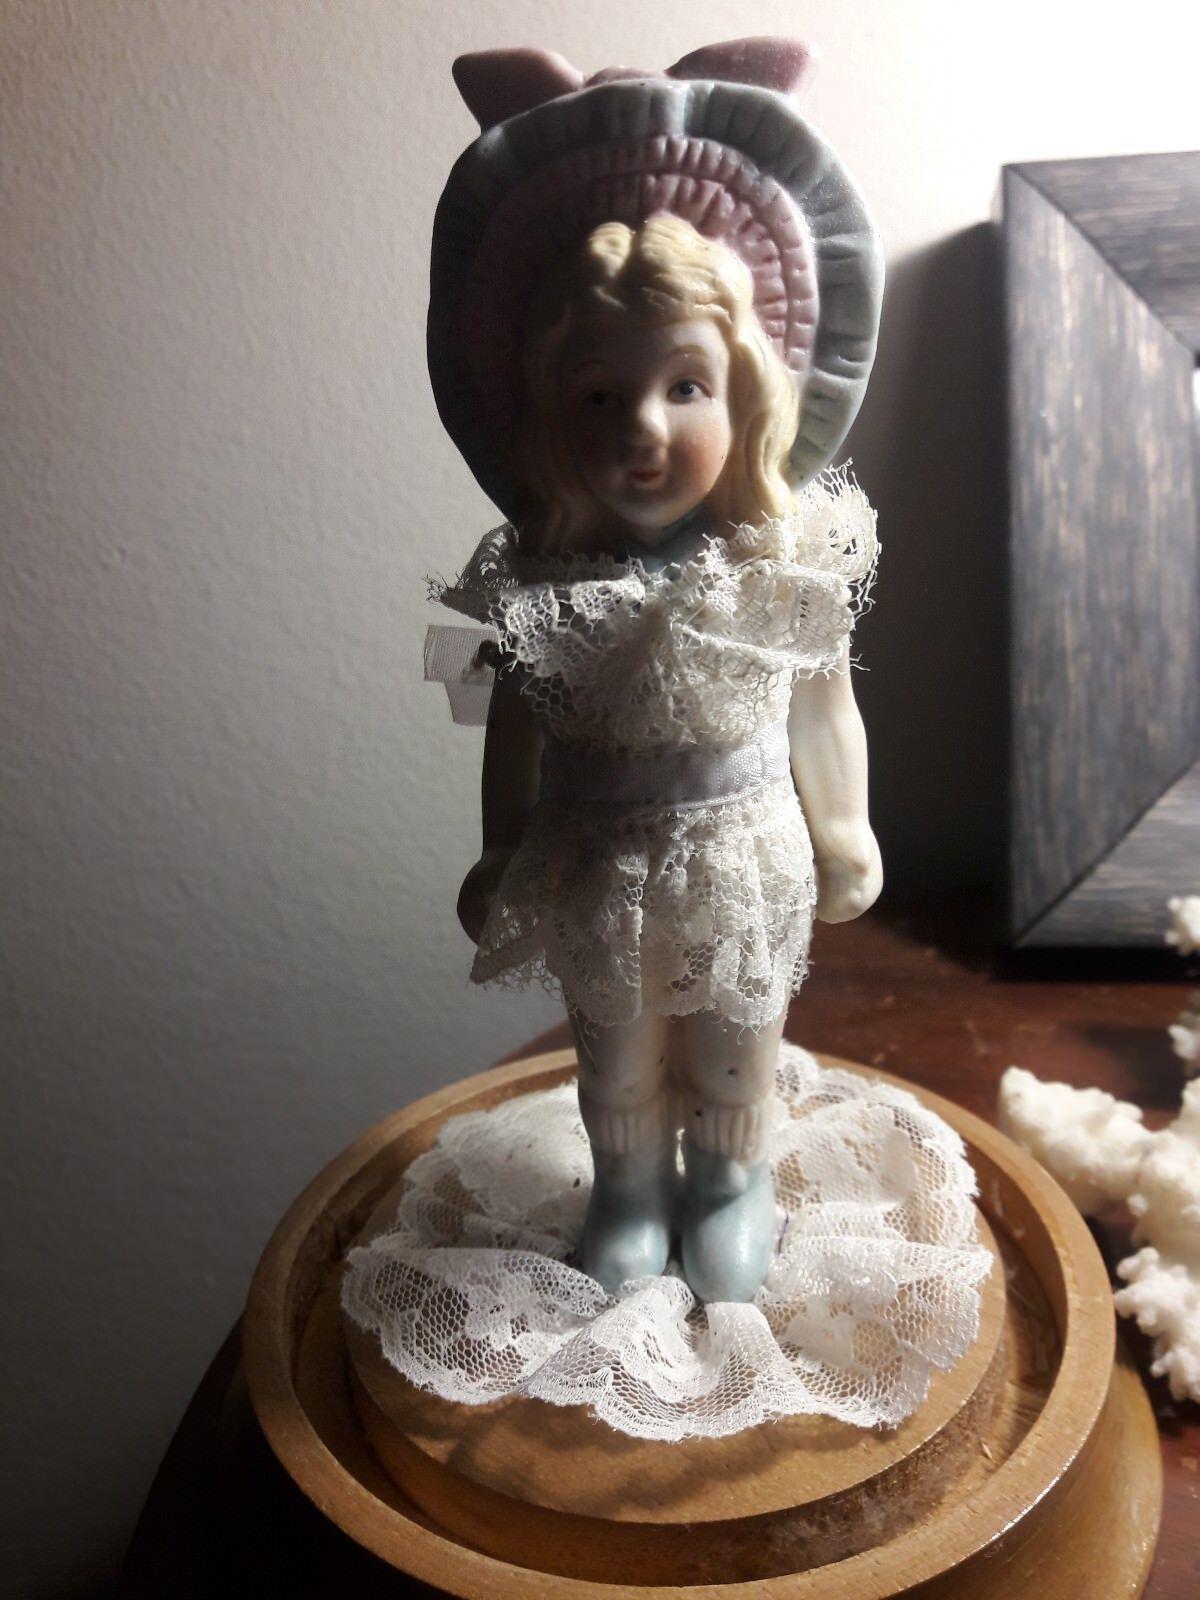 Antique Porcelain 5 1/2 inch Doll, Lace Dress